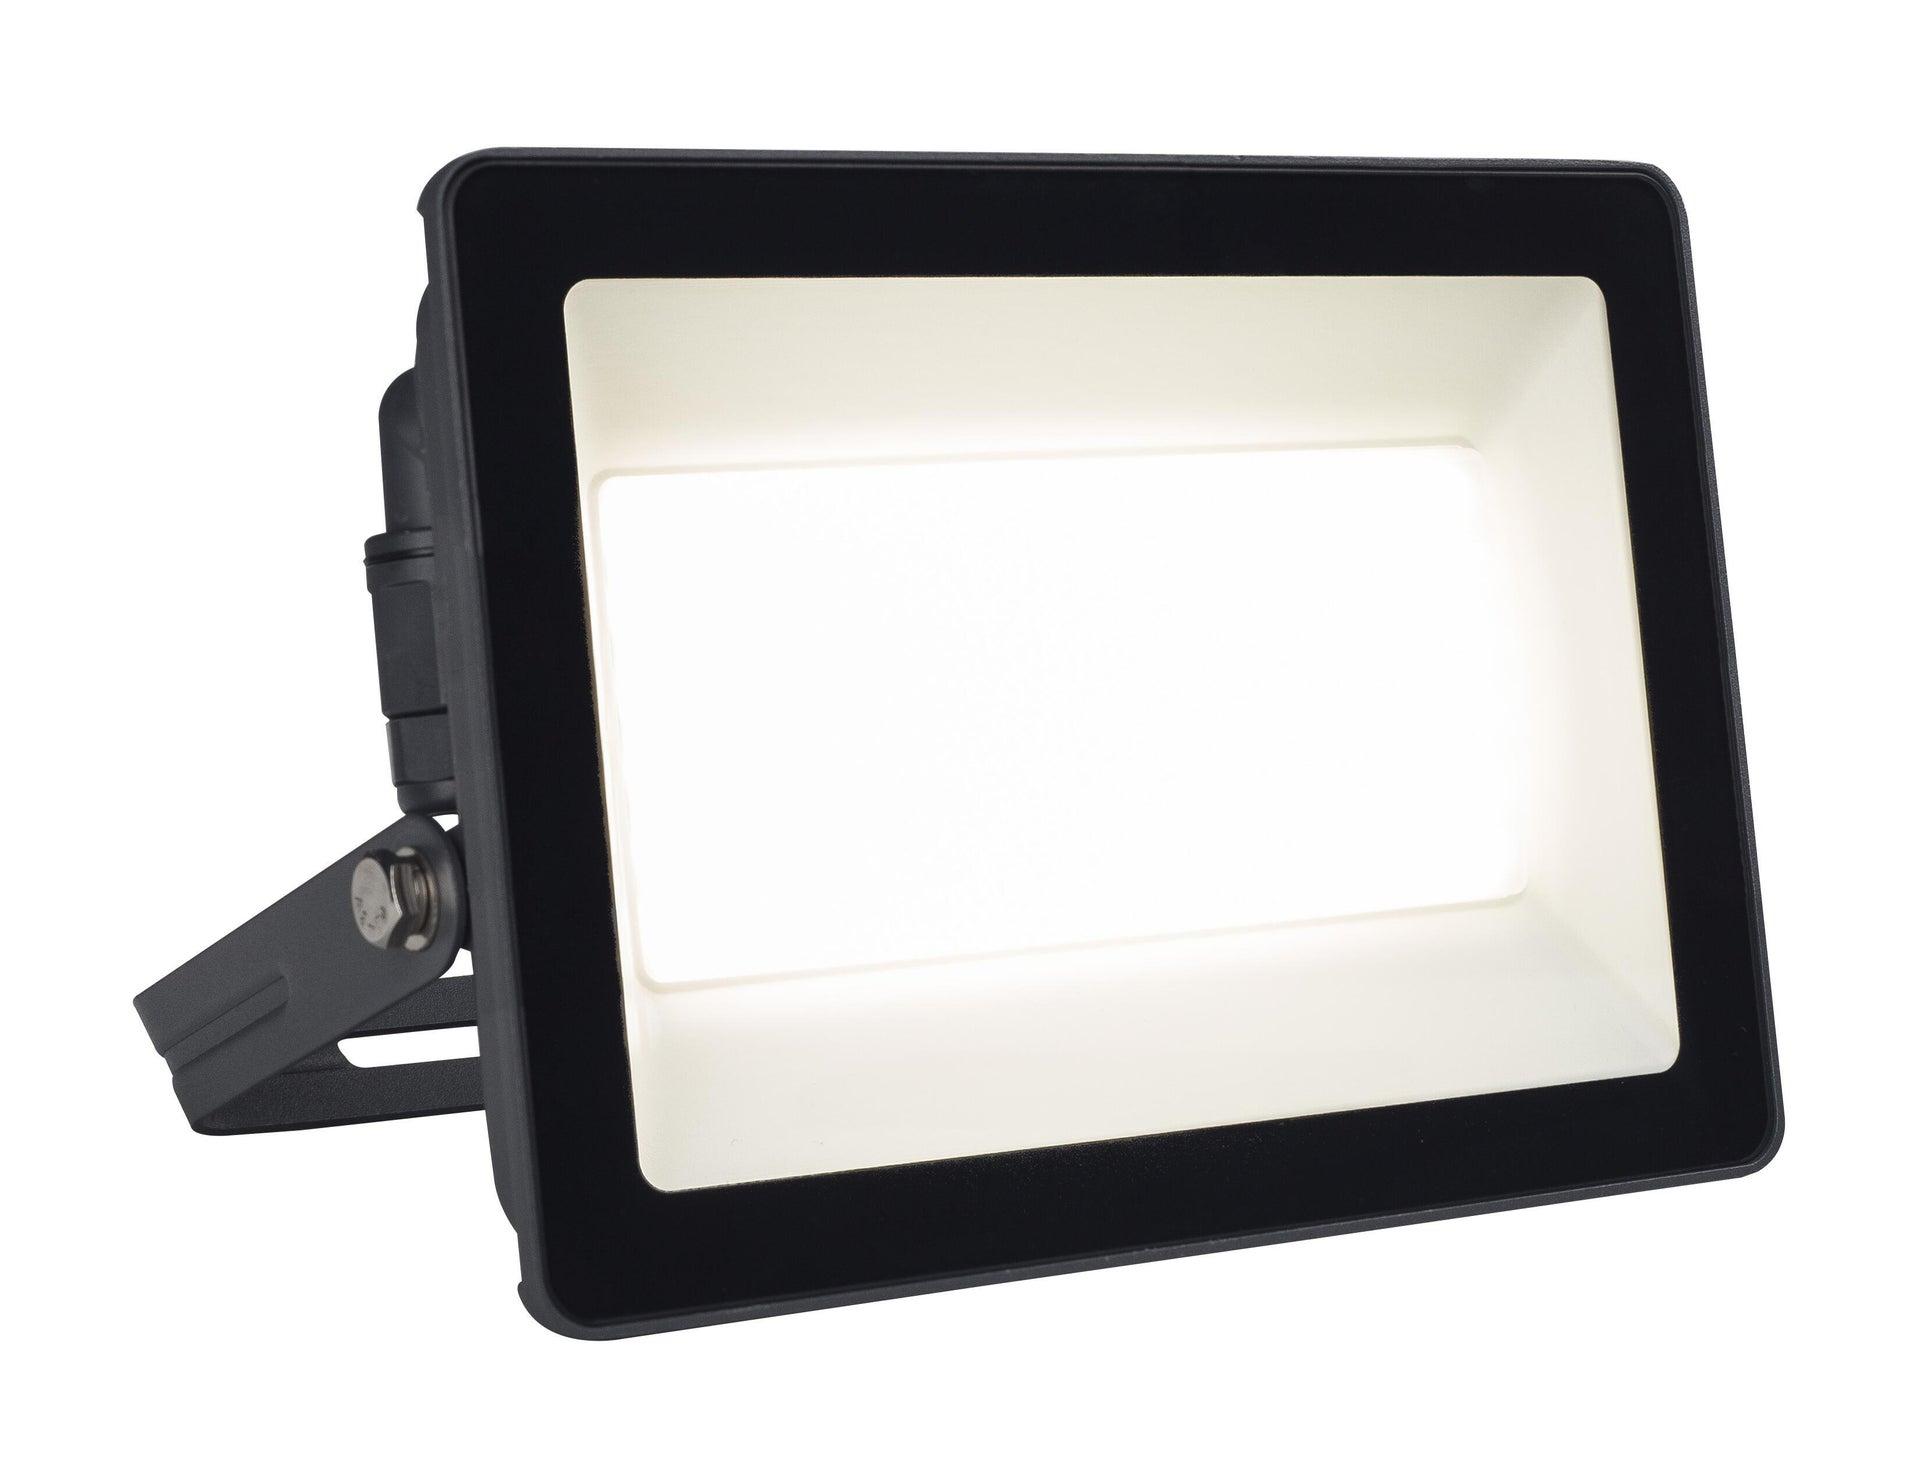 Proiettore LED integrato Yonkers in alluminio, antracite, 100W 6500LM IP65 INSPIRE - 1